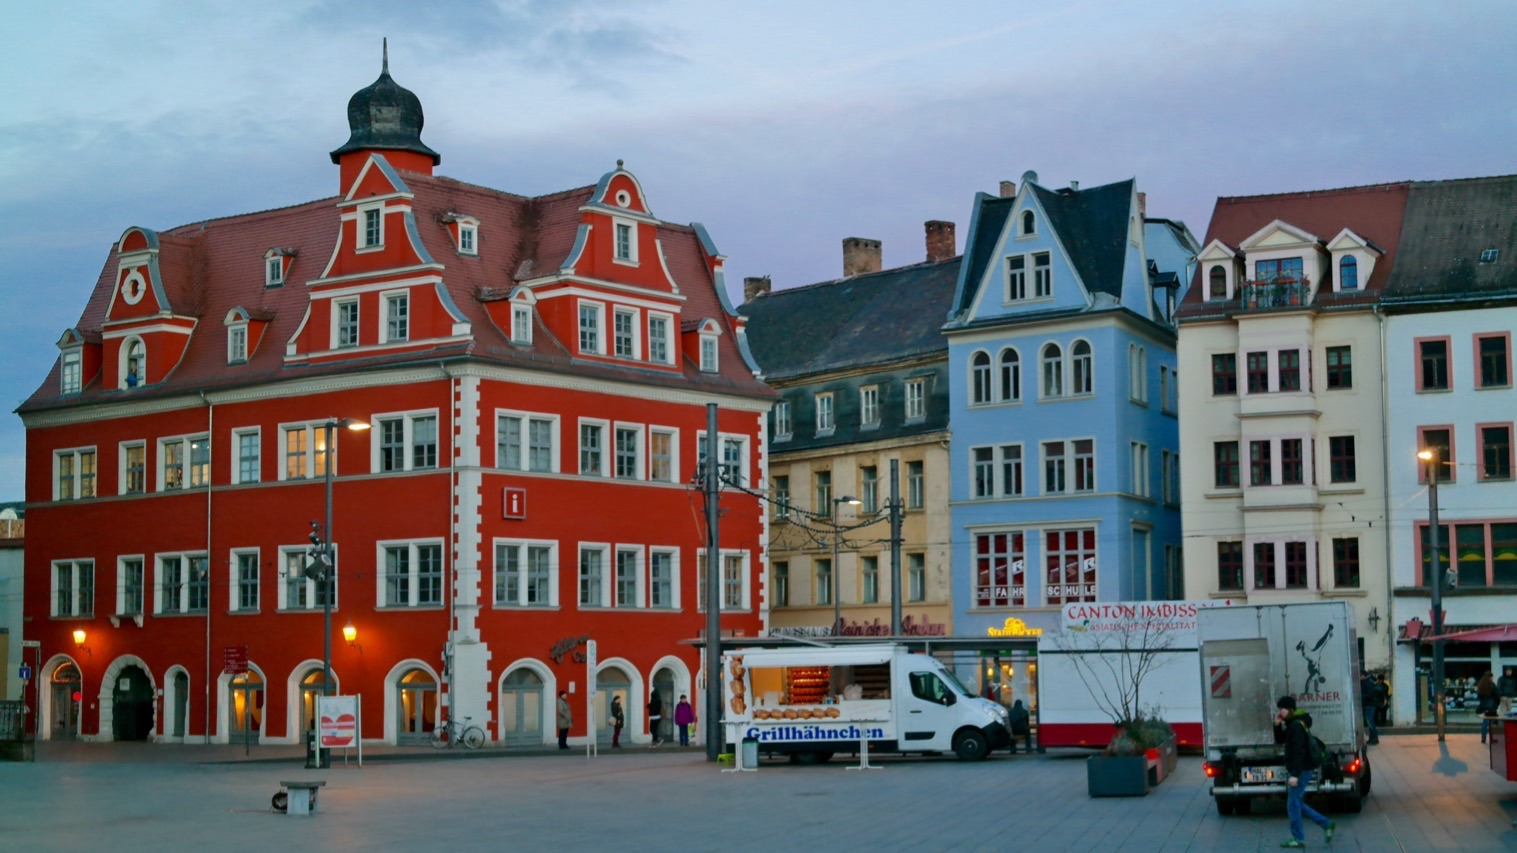 Halle: Markt mit Marktschlösschen